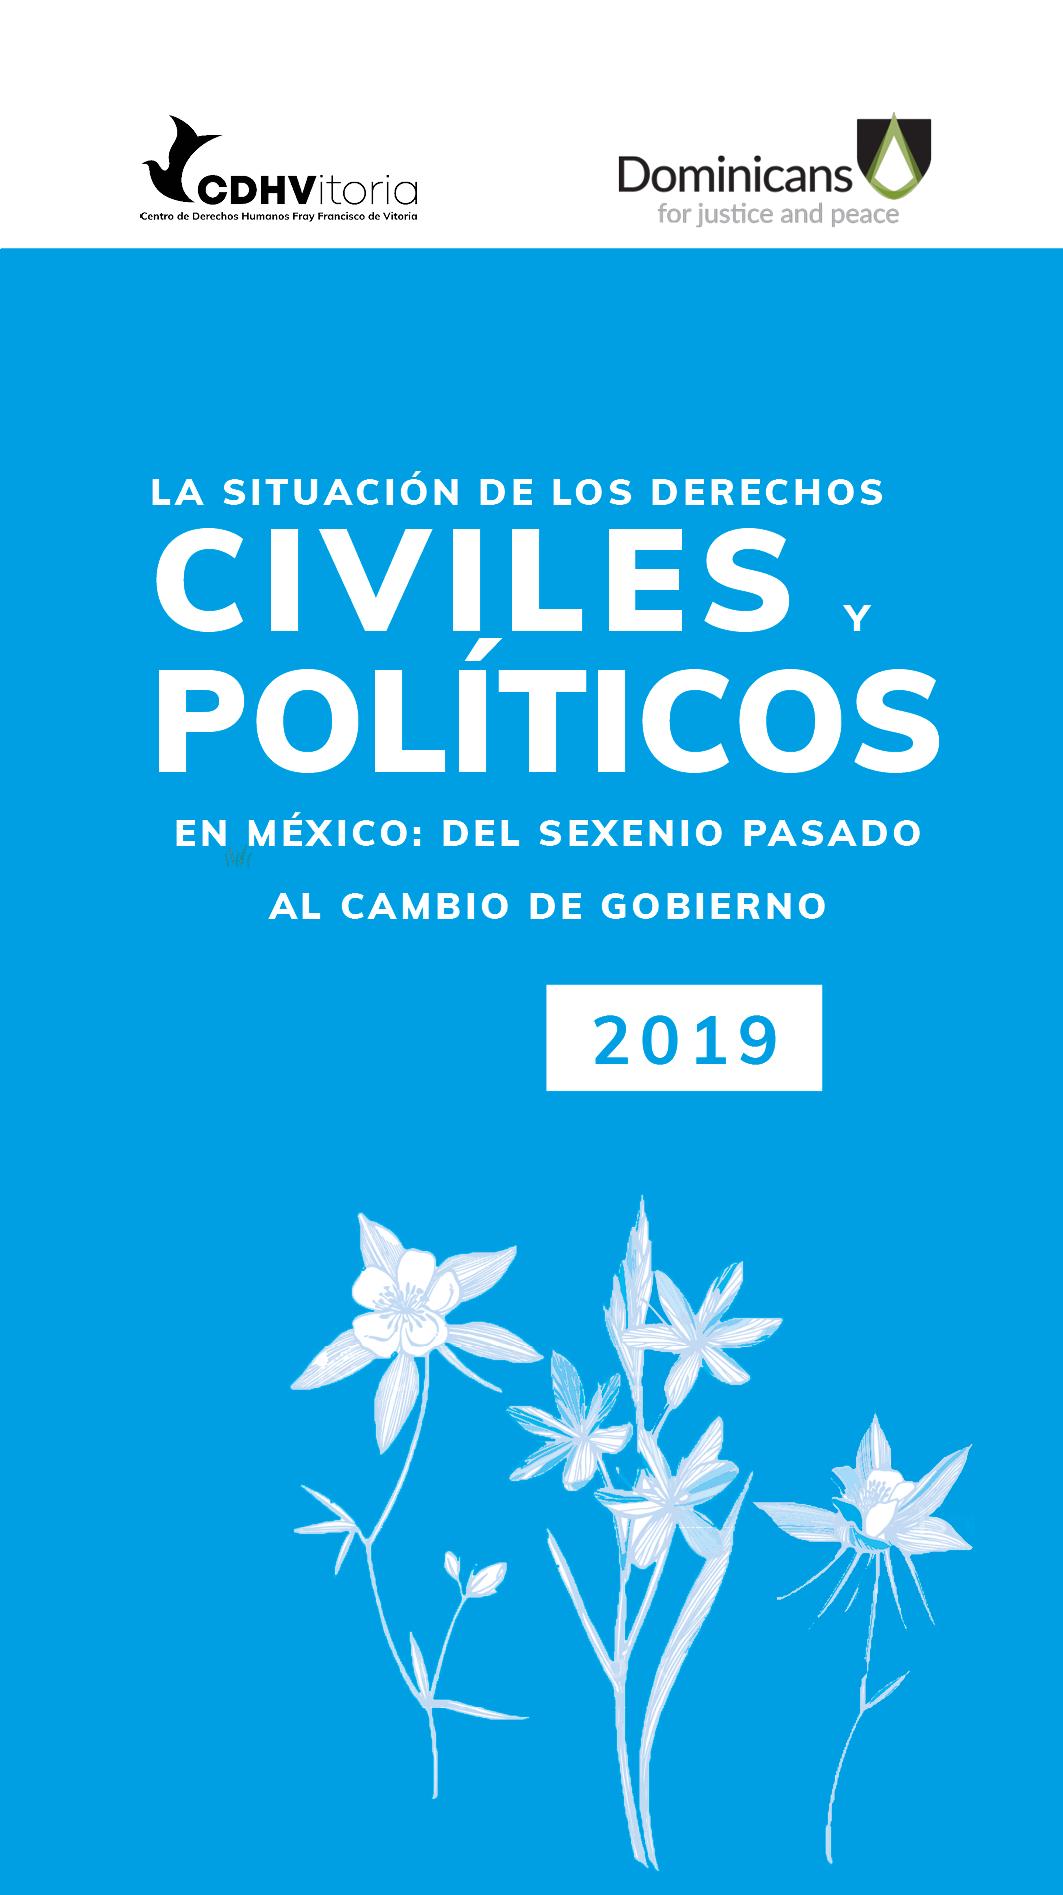 La situación de los derechos civiles y políticos en México: Del sexenio pasado al cambio de gobierno. Informe paralelo CCPR127